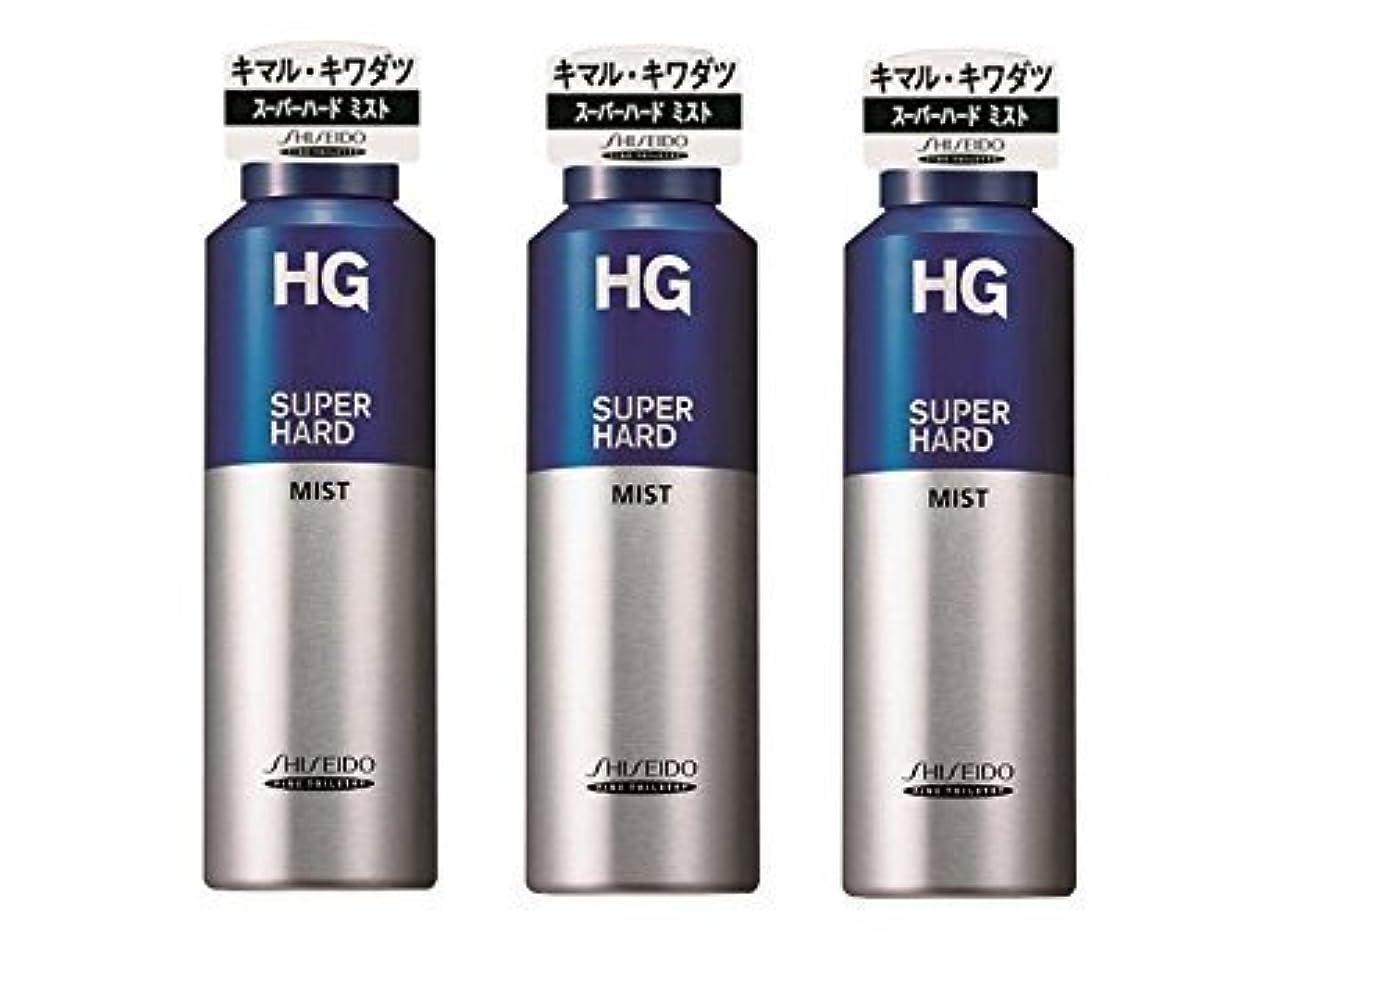 マエストロ去る保護する【まとめ買い】HG スーパーハード ミスト 150g×3個